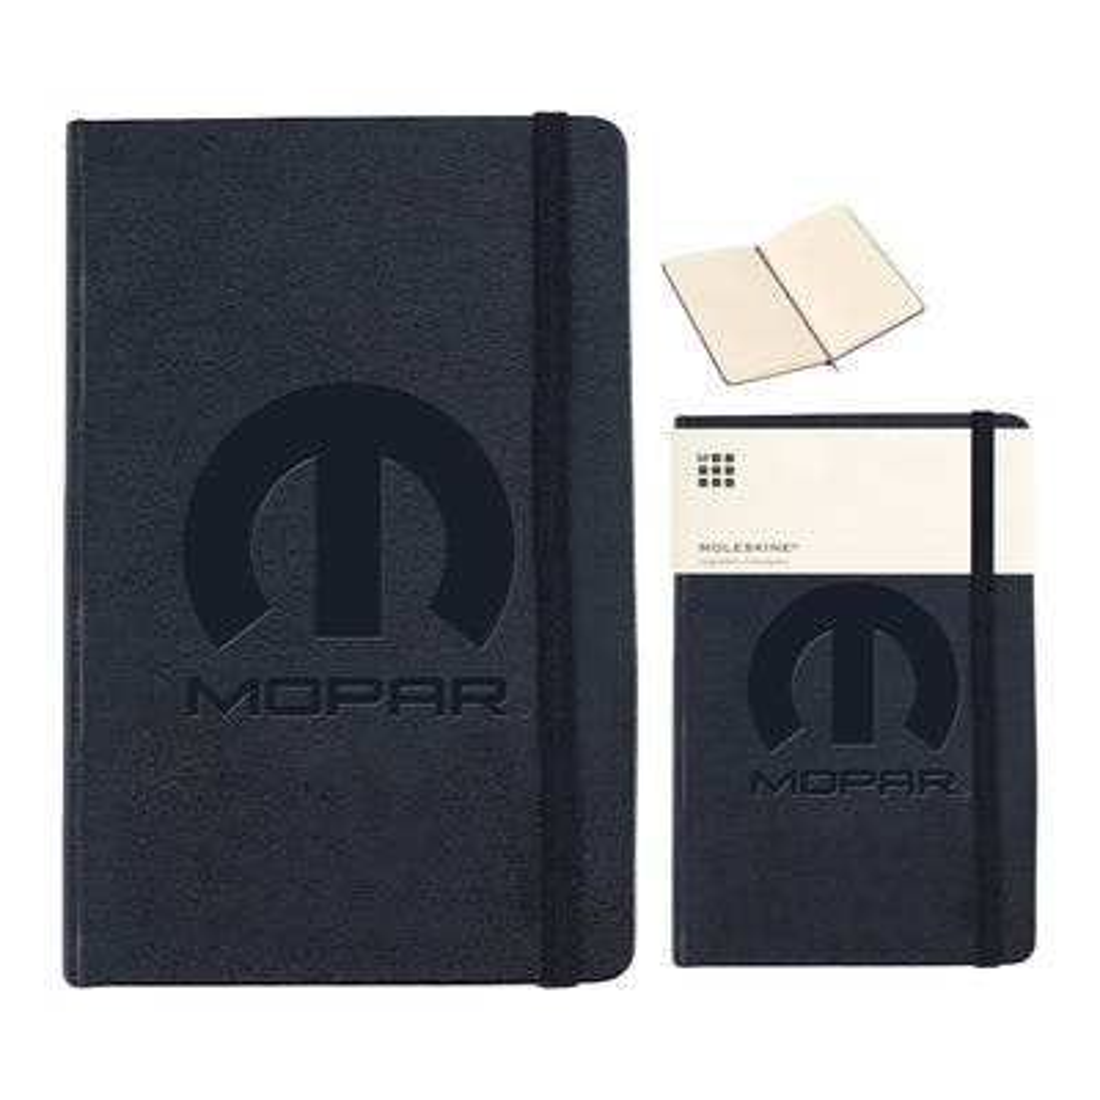 Moleskin Hardcover Journal